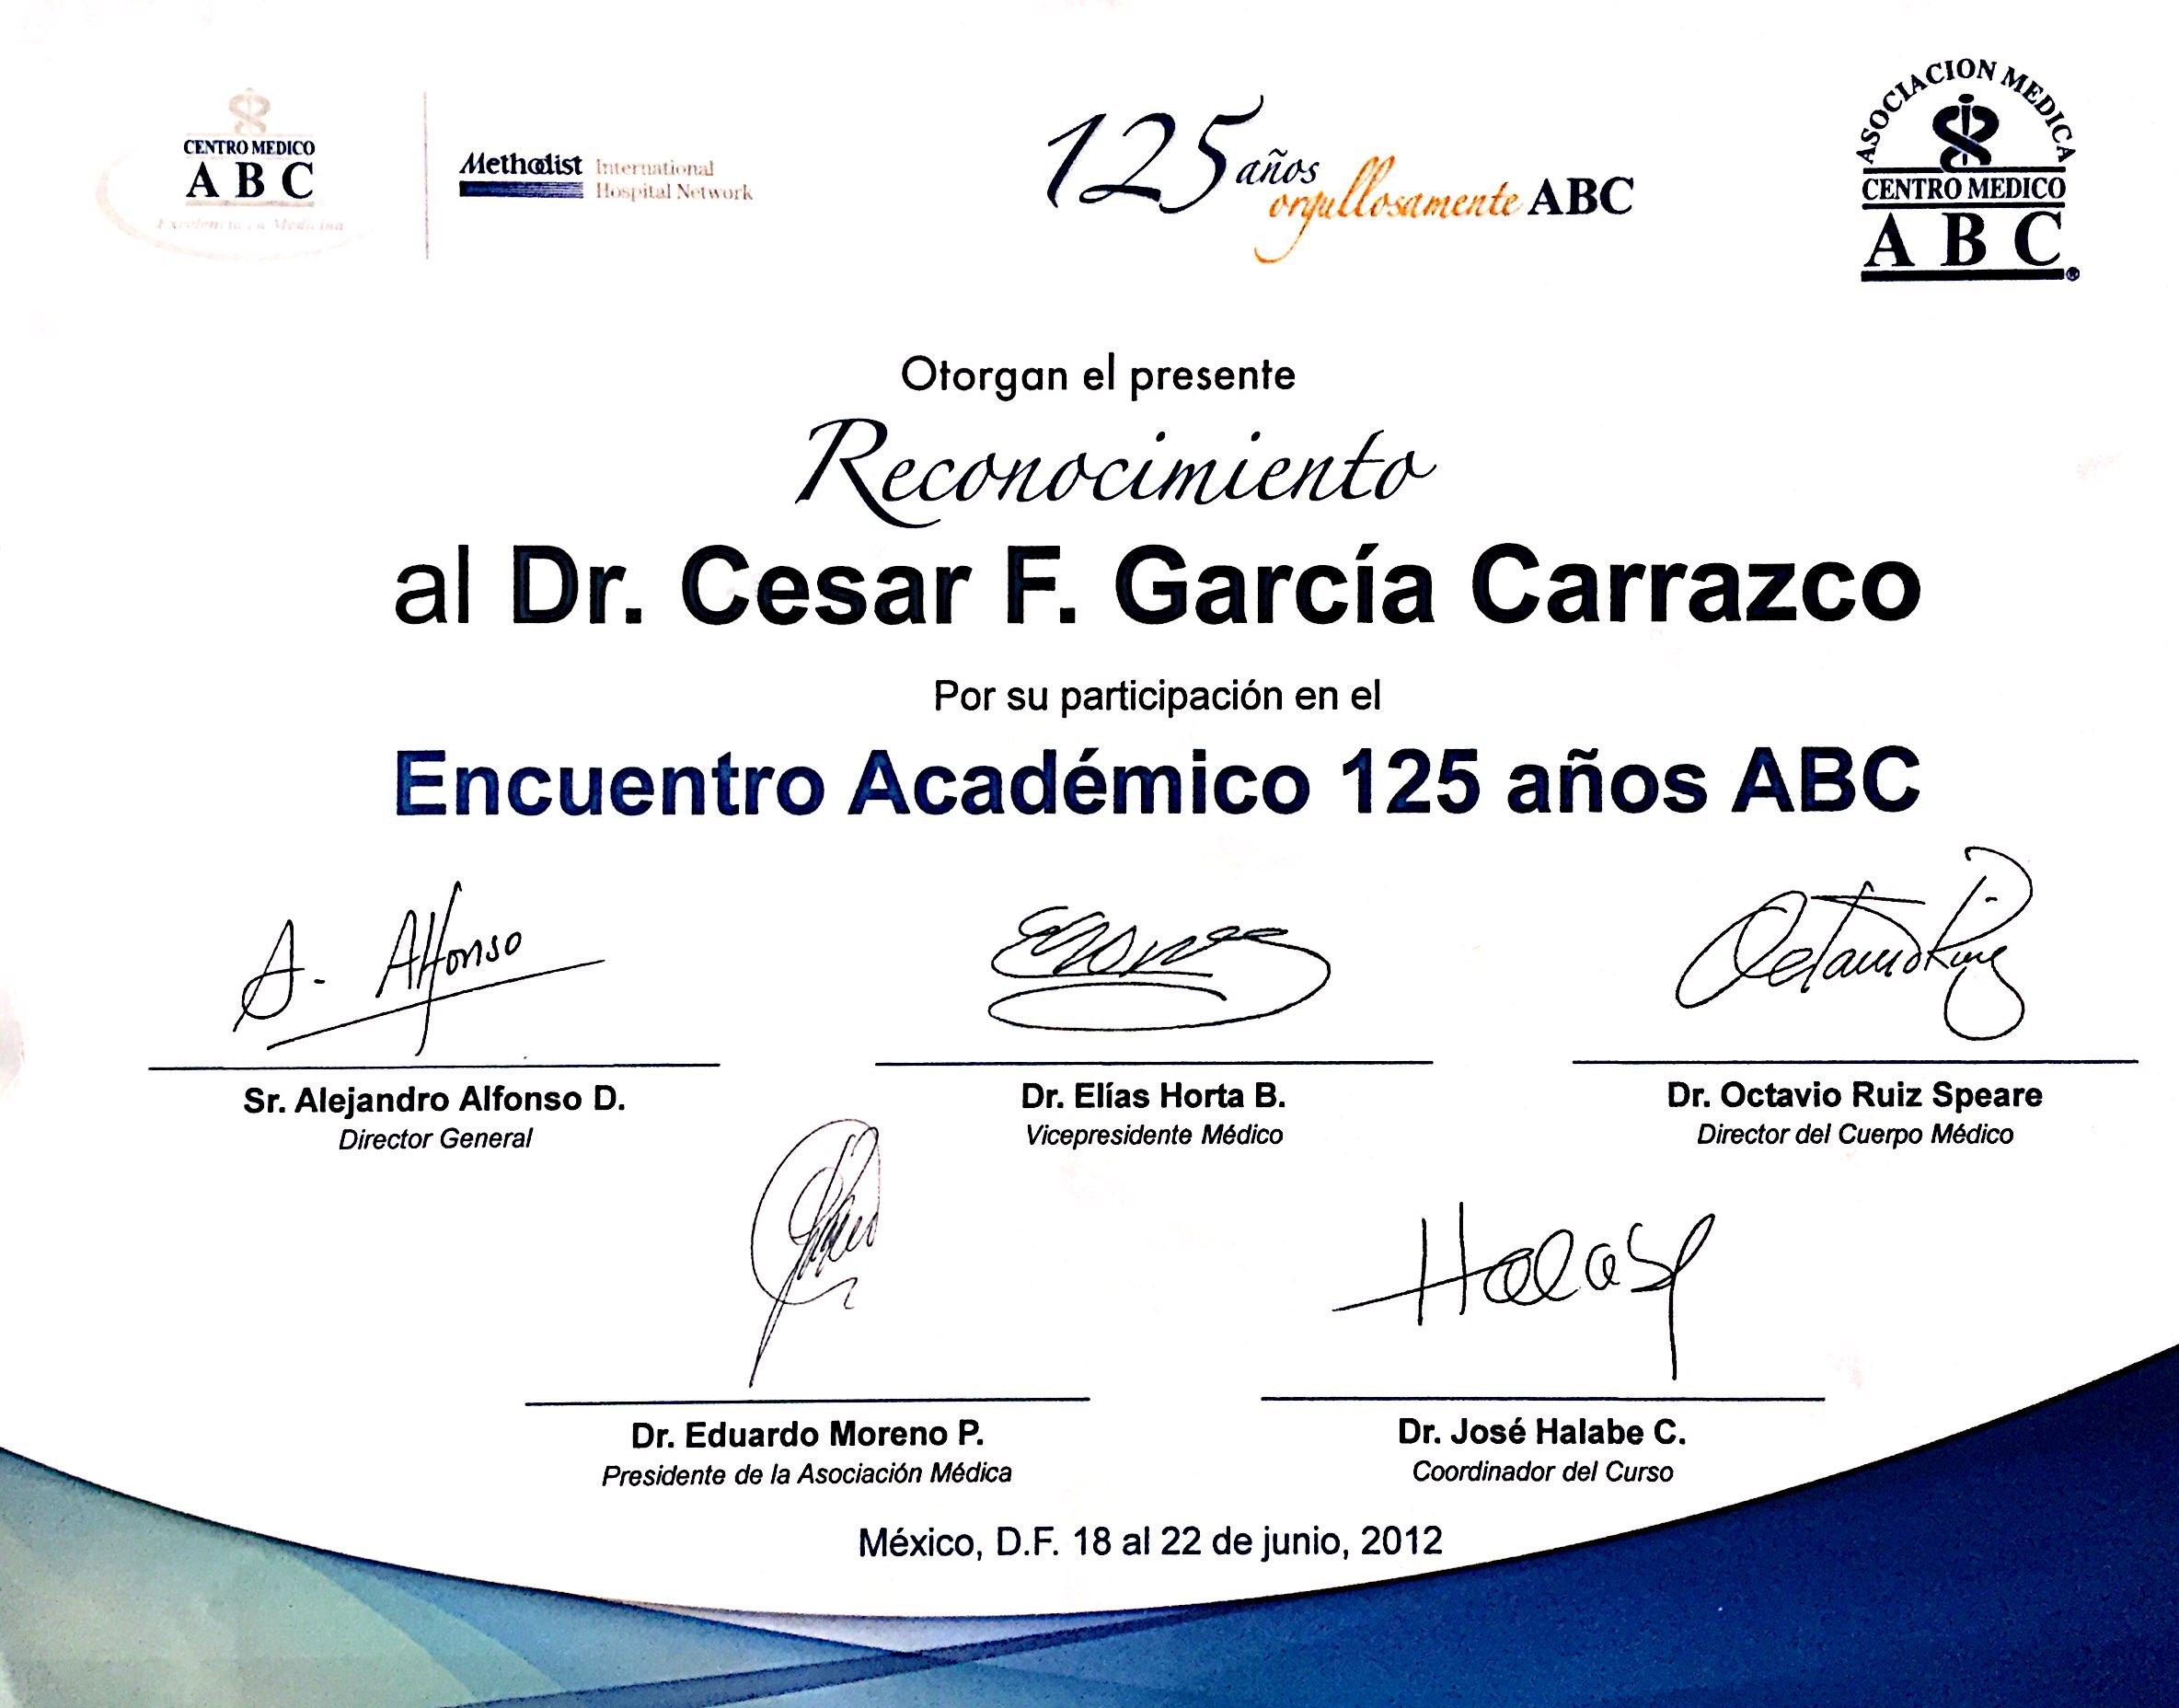 Dr. Garcia Carrazco_78